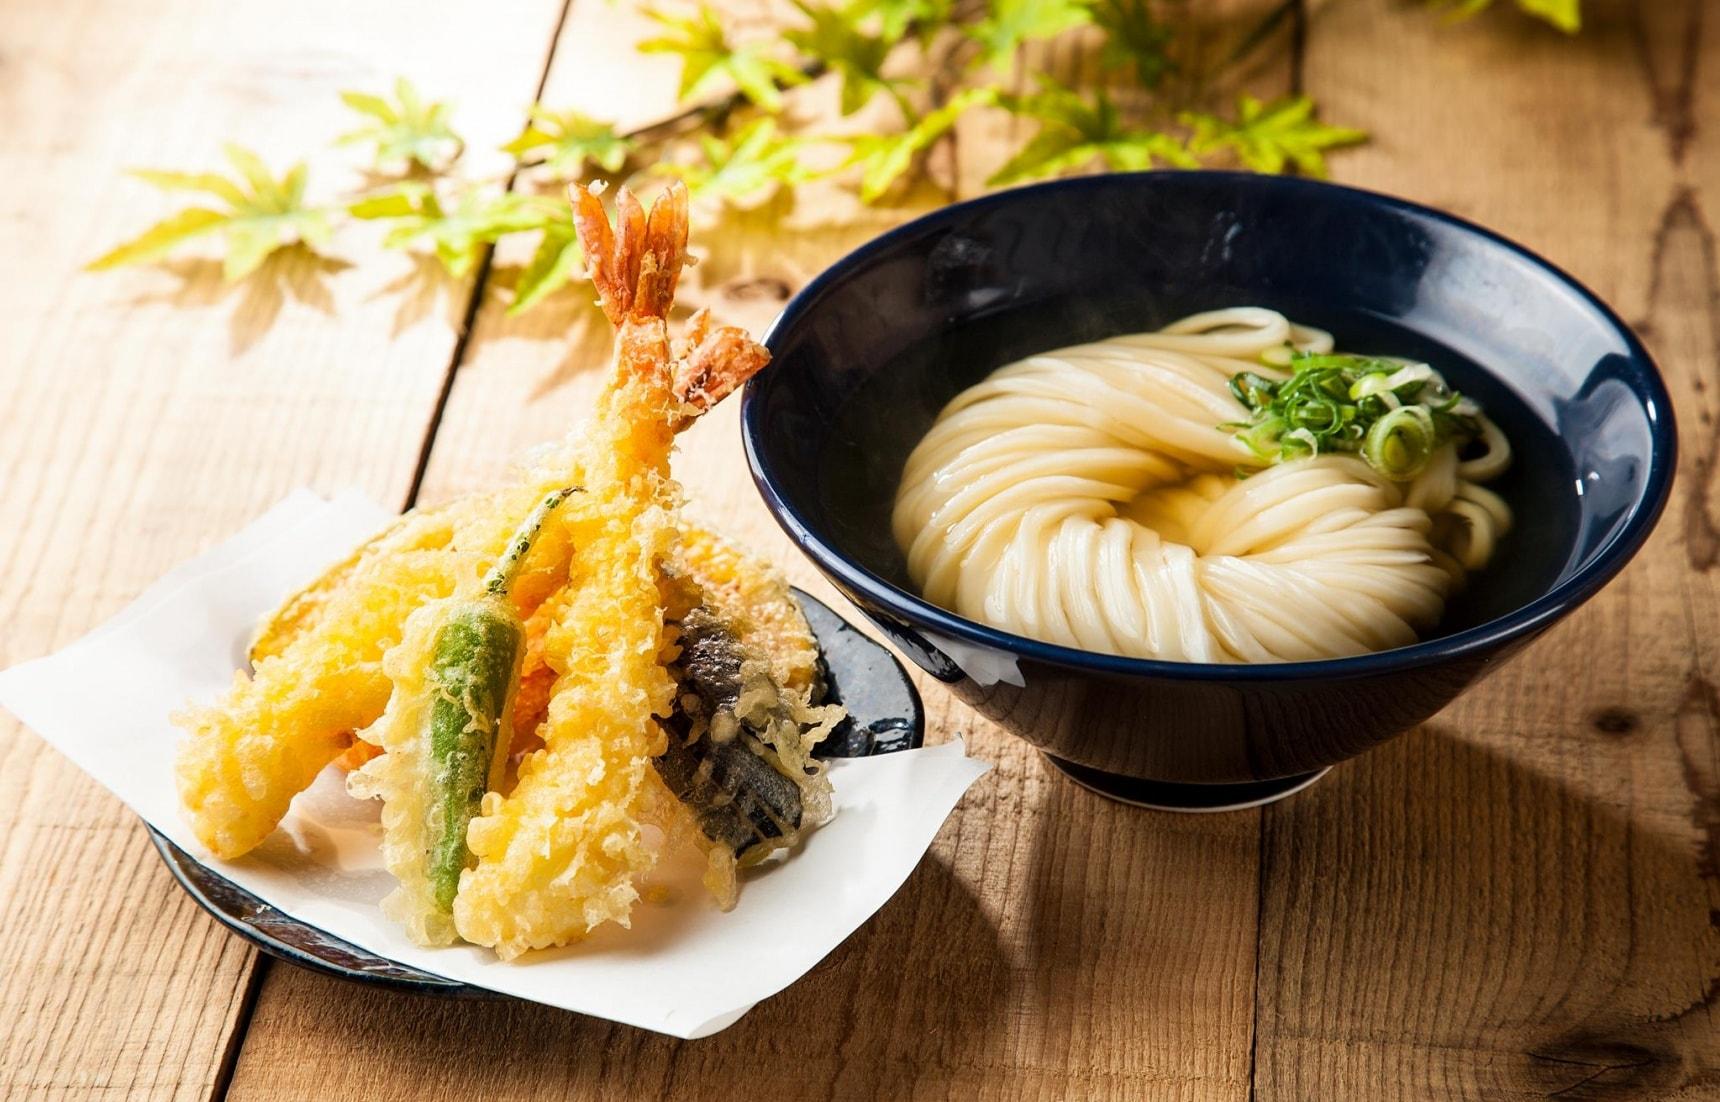 吃货党|超高性价比美味午餐!1000日元以内在新宿可以吃到这些好东东